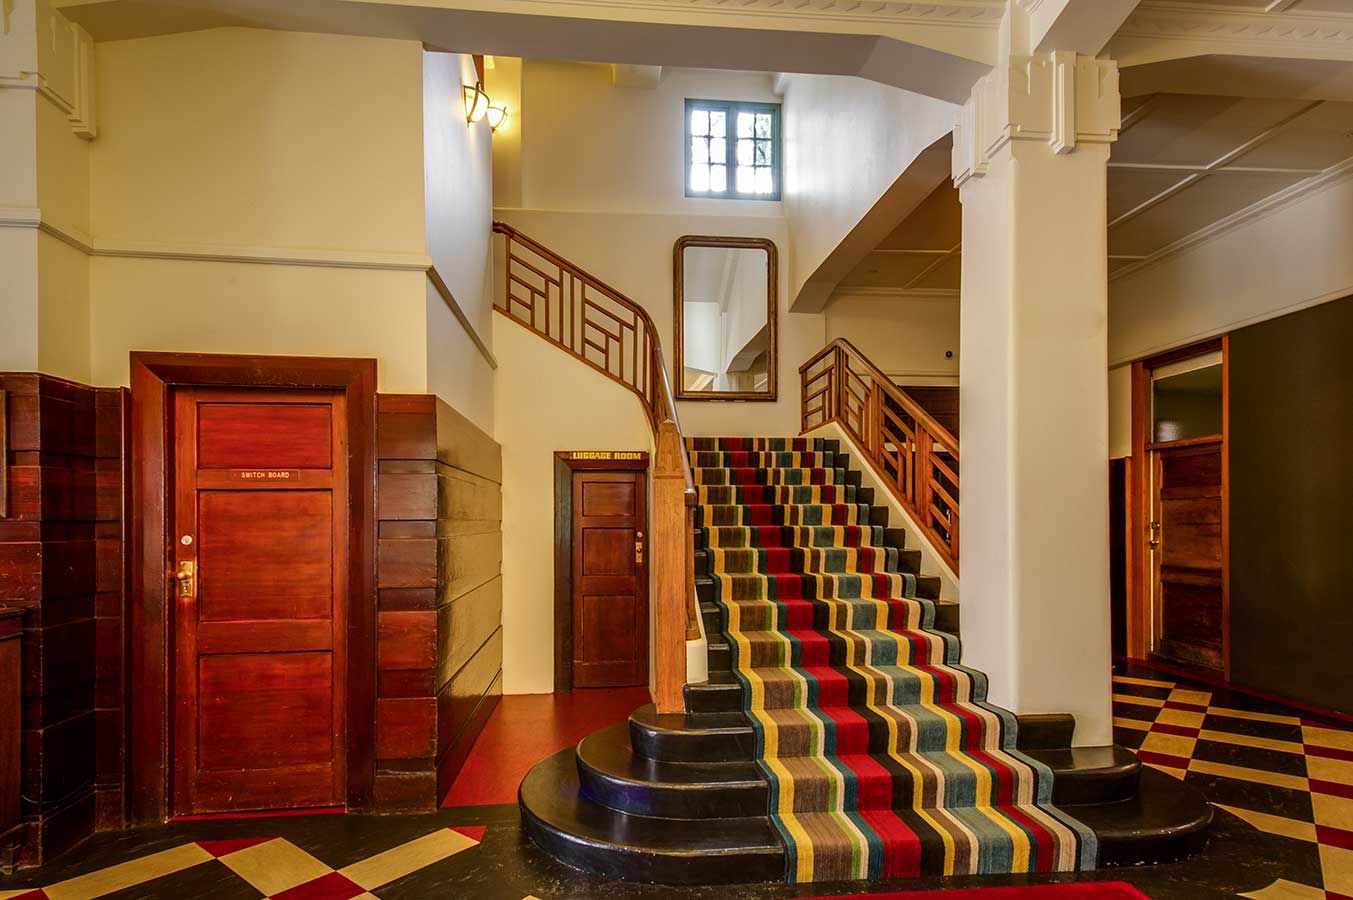 Art deco masonic hotel images napier accommodation for Hotel foyer decor